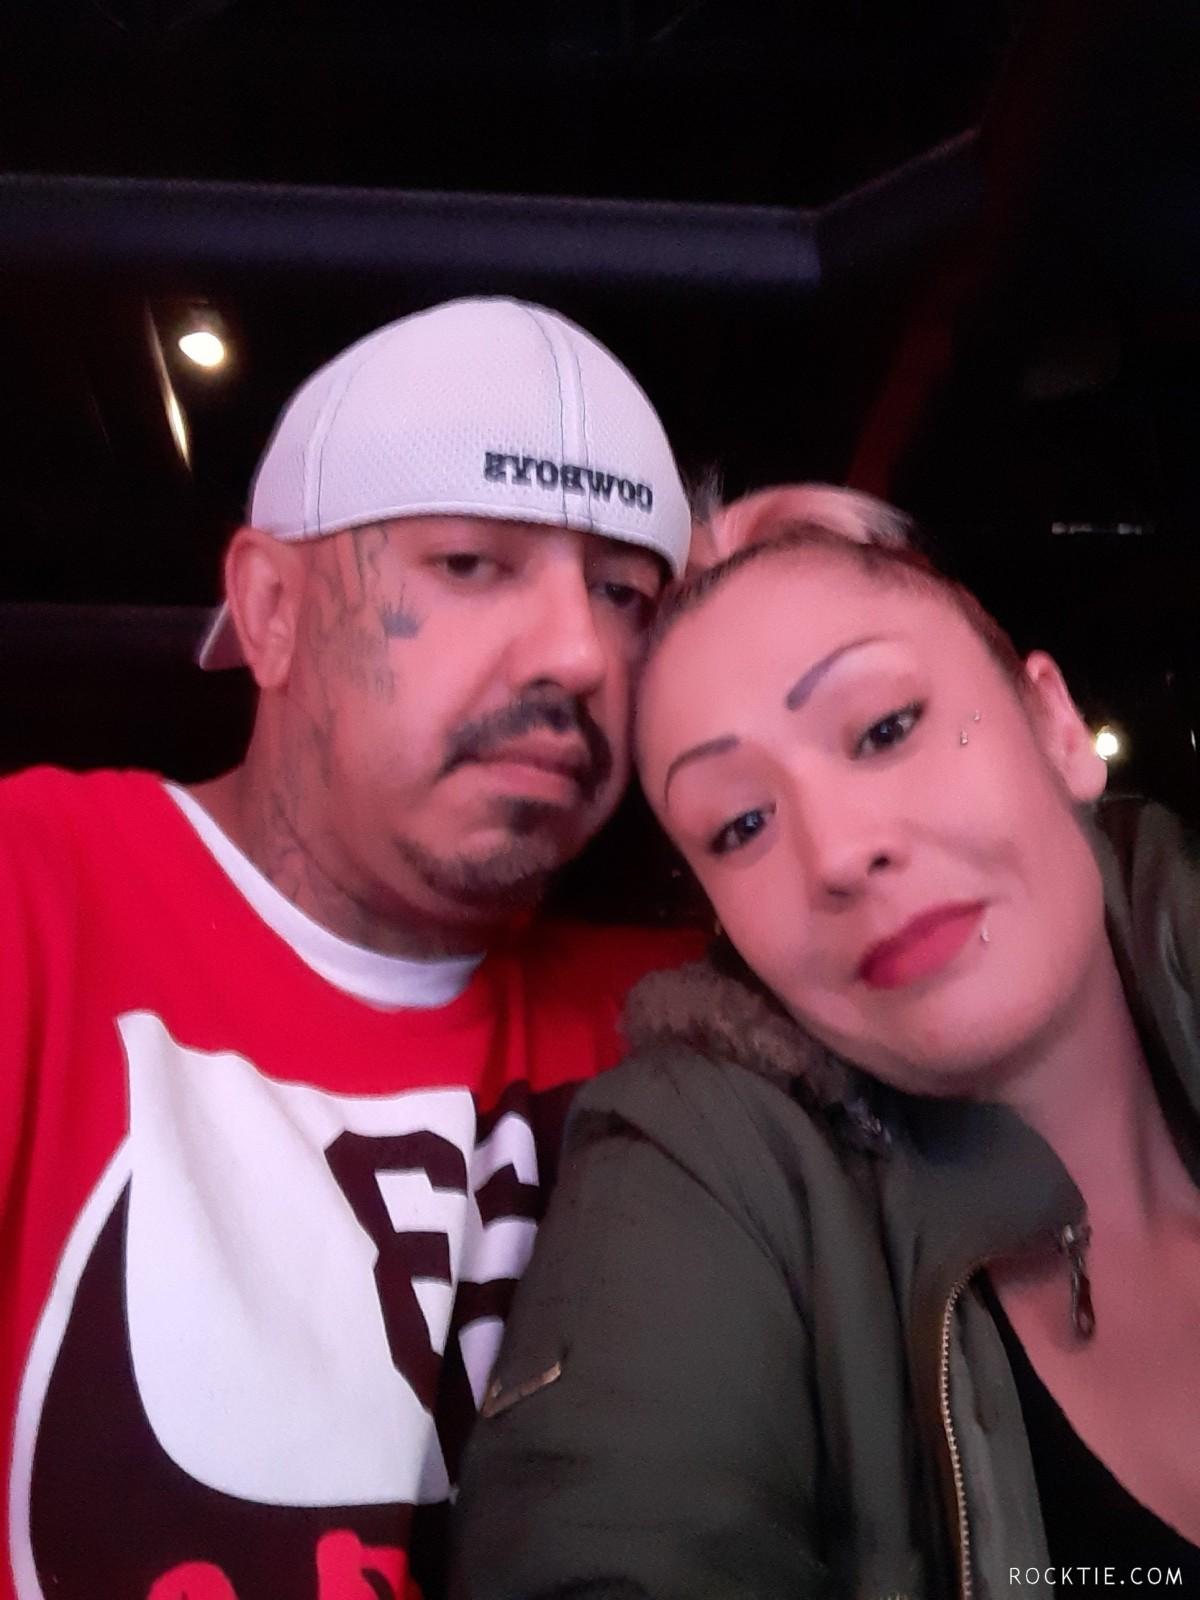 El Paso Swingers Hotwife Cuckold Fuck My Wife Lower valley